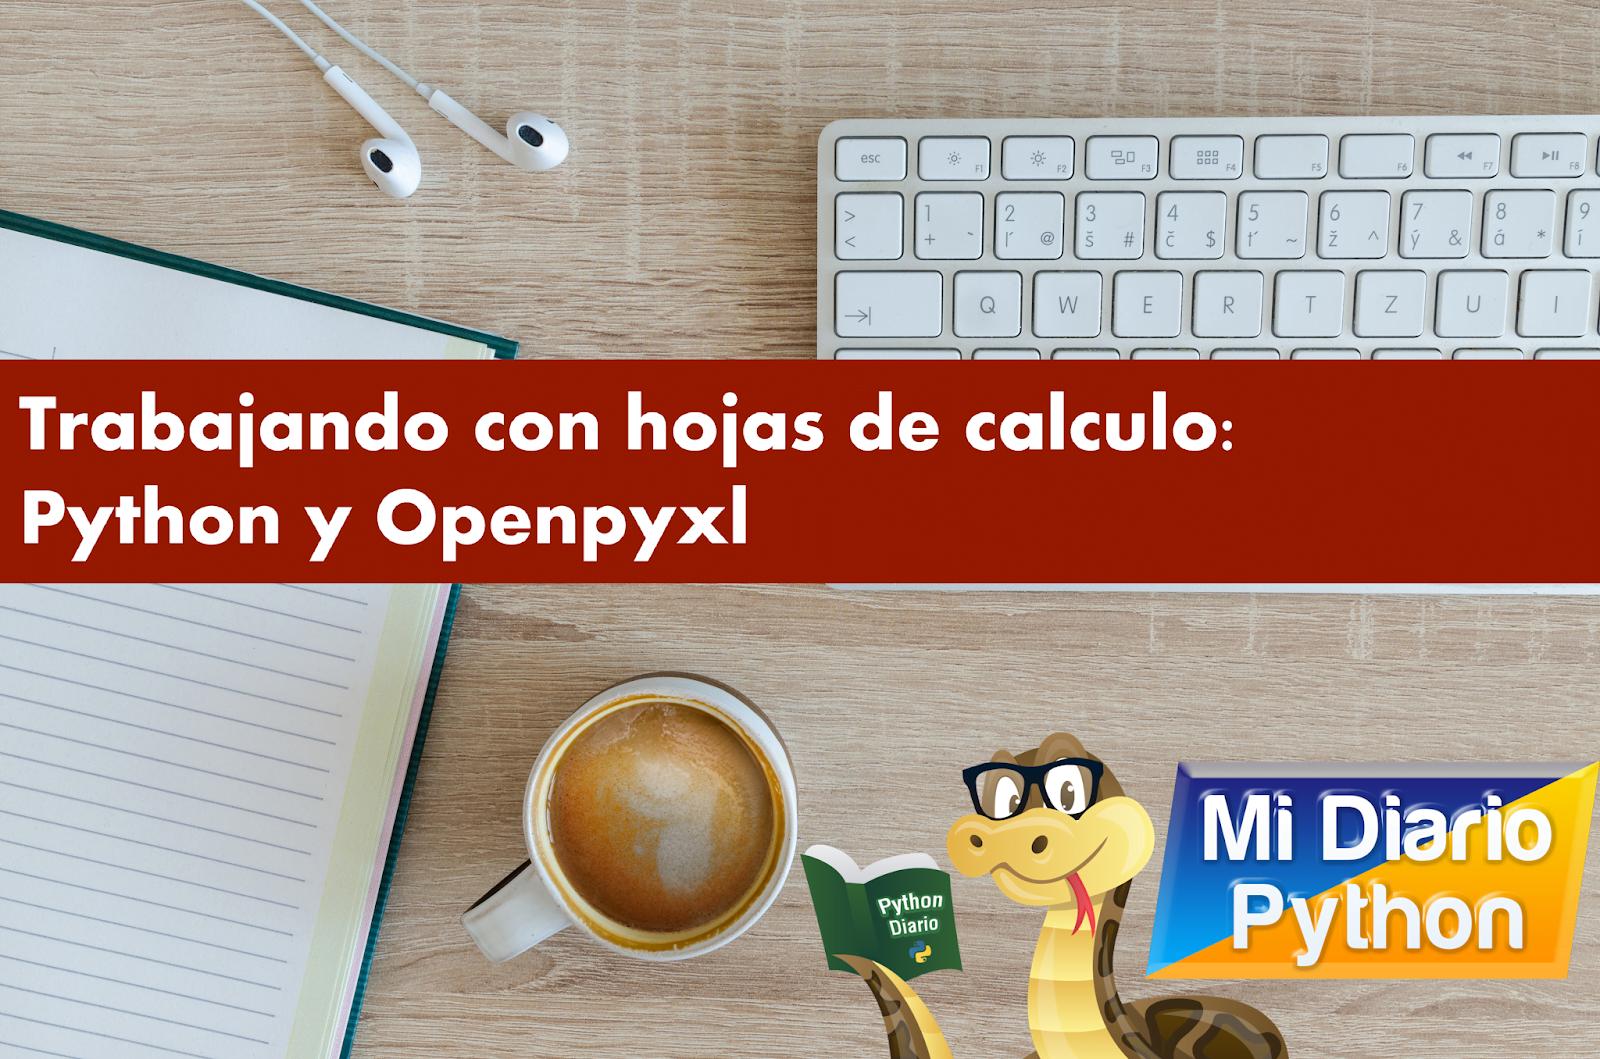 openpyxl